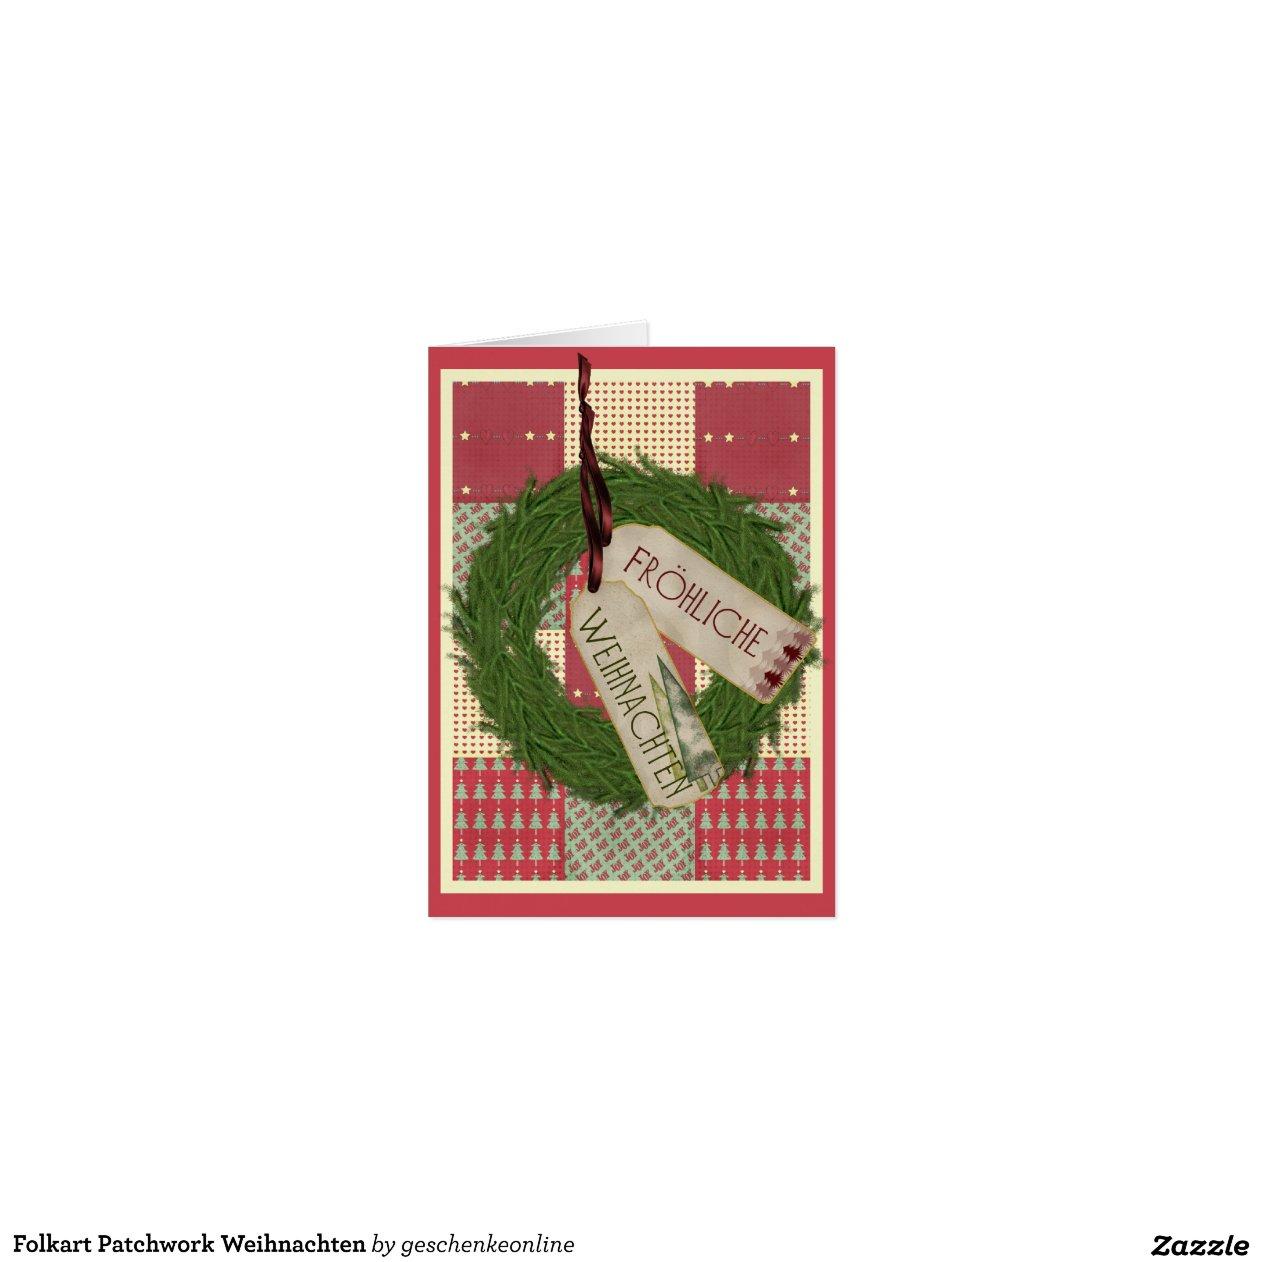 folkart patchwork weihnachten gru karte zazzle. Black Bedroom Furniture Sets. Home Design Ideas